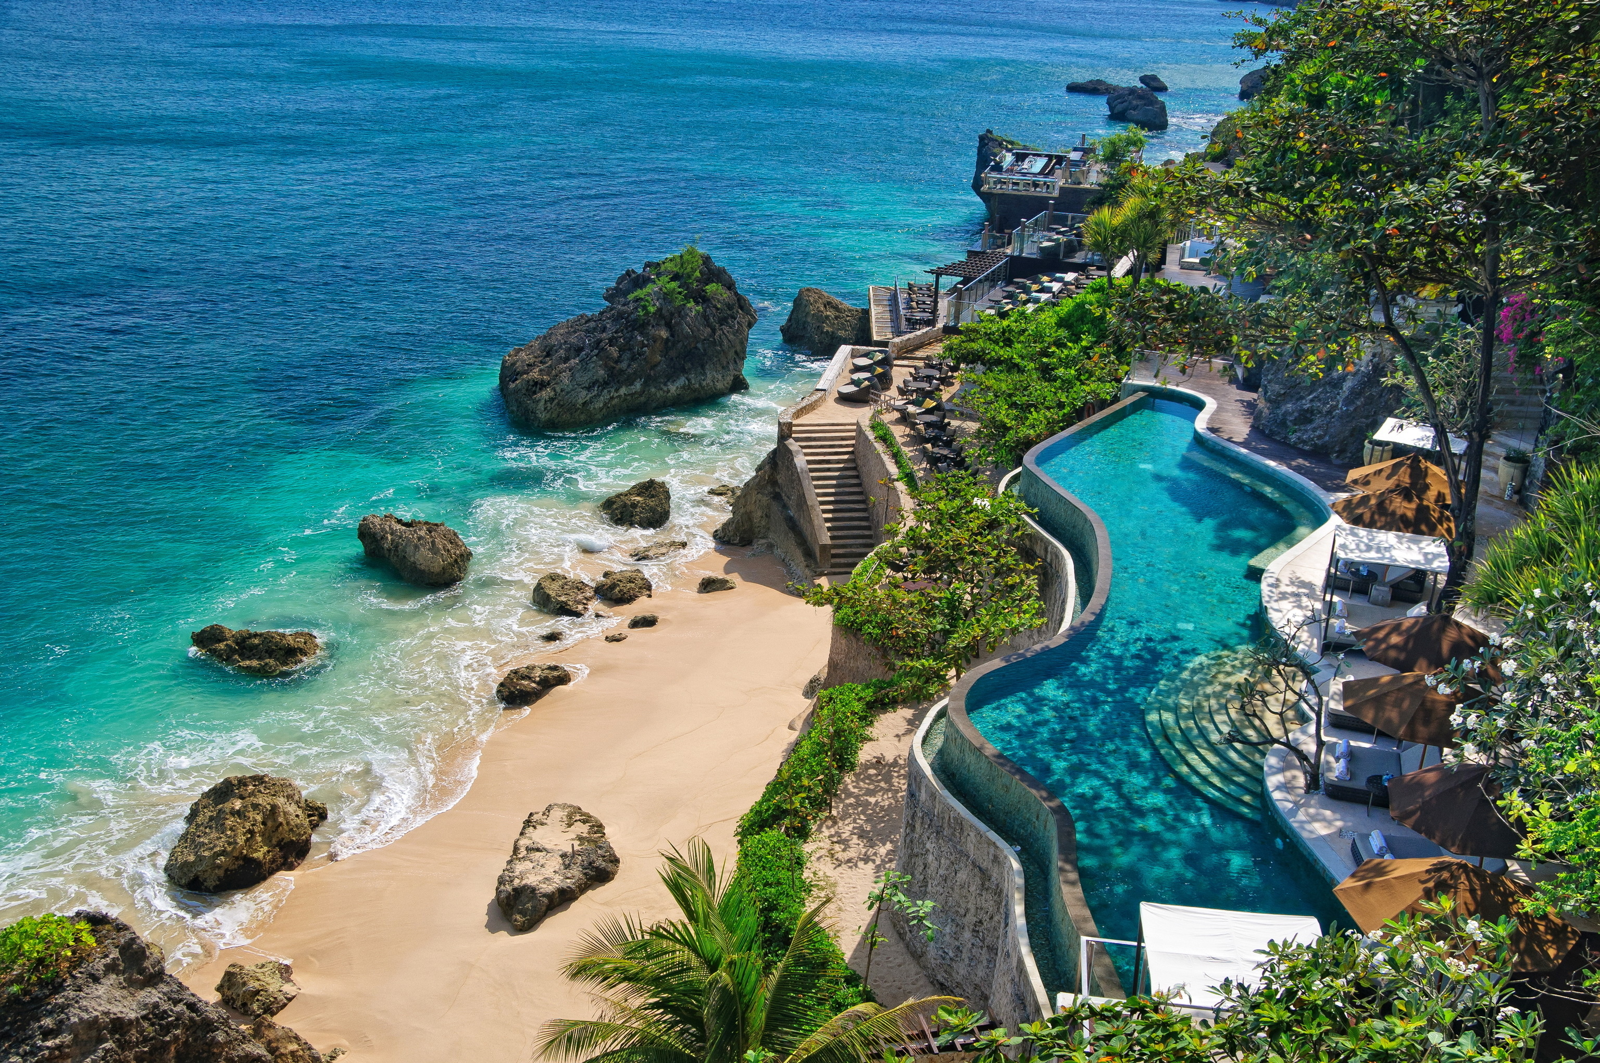 Bali Natural Pools